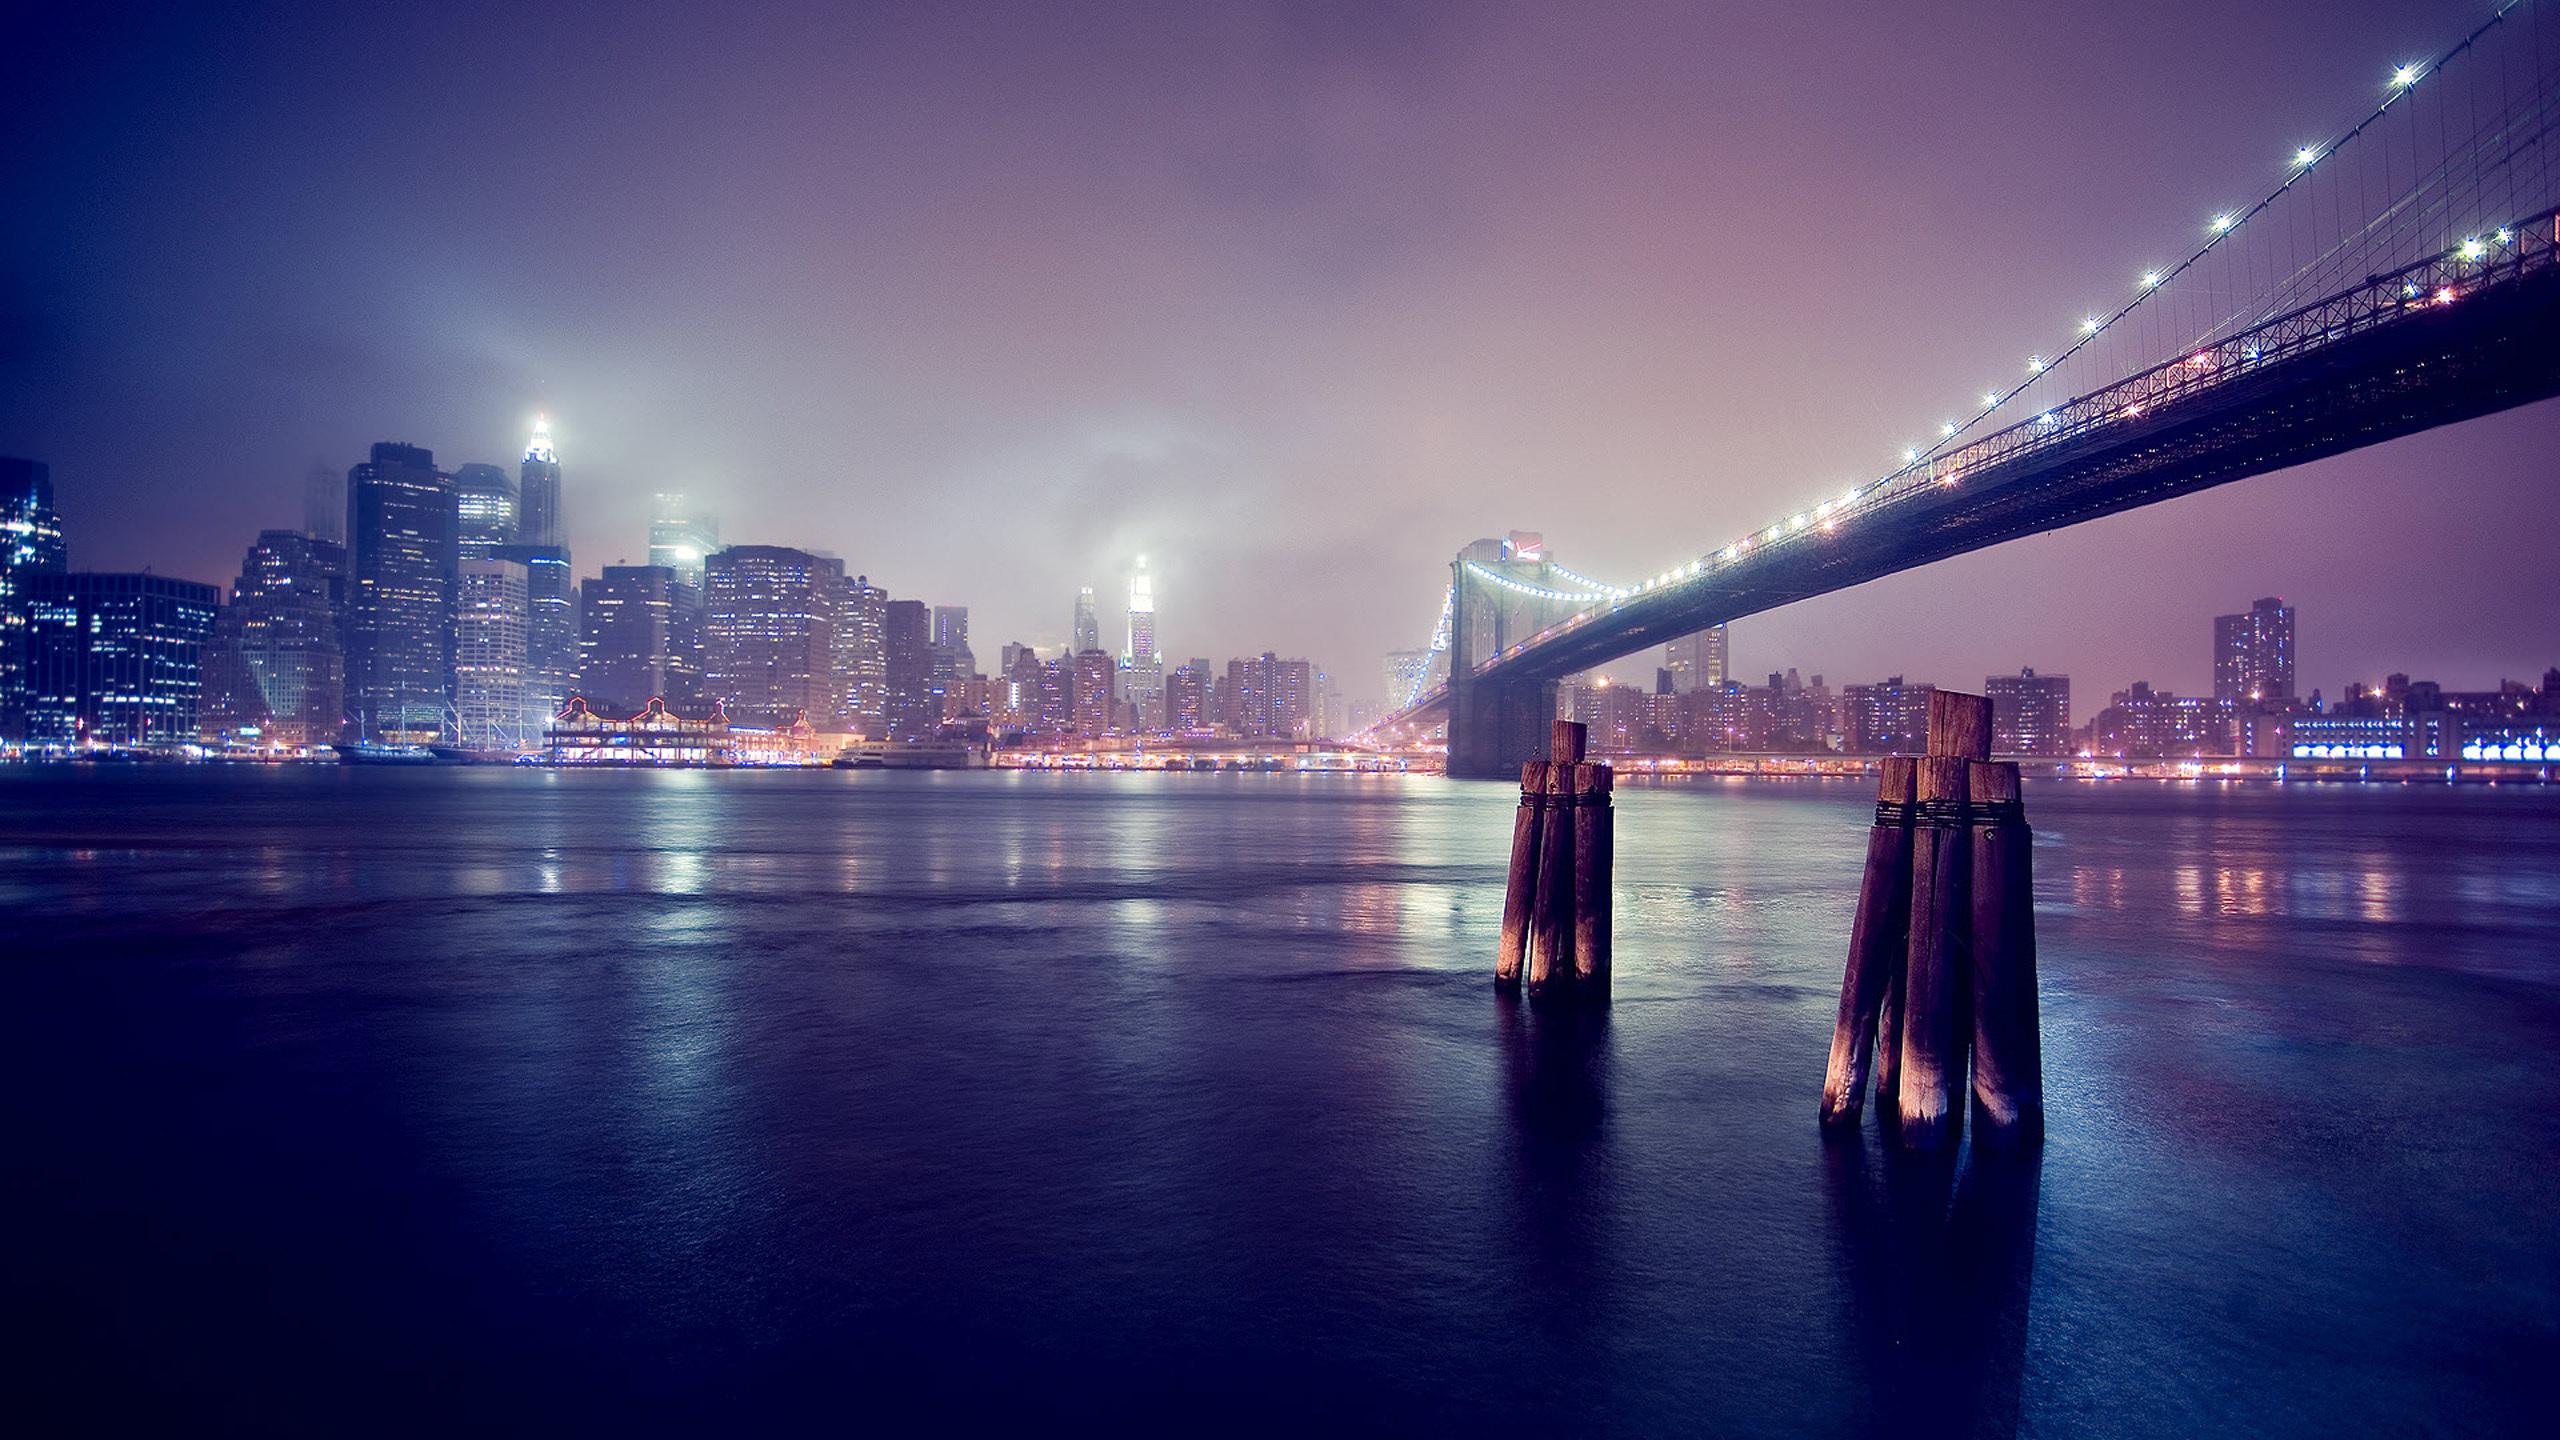 40548 скачать обои Мосты, Пейзаж - заставки и картинки бесплатно